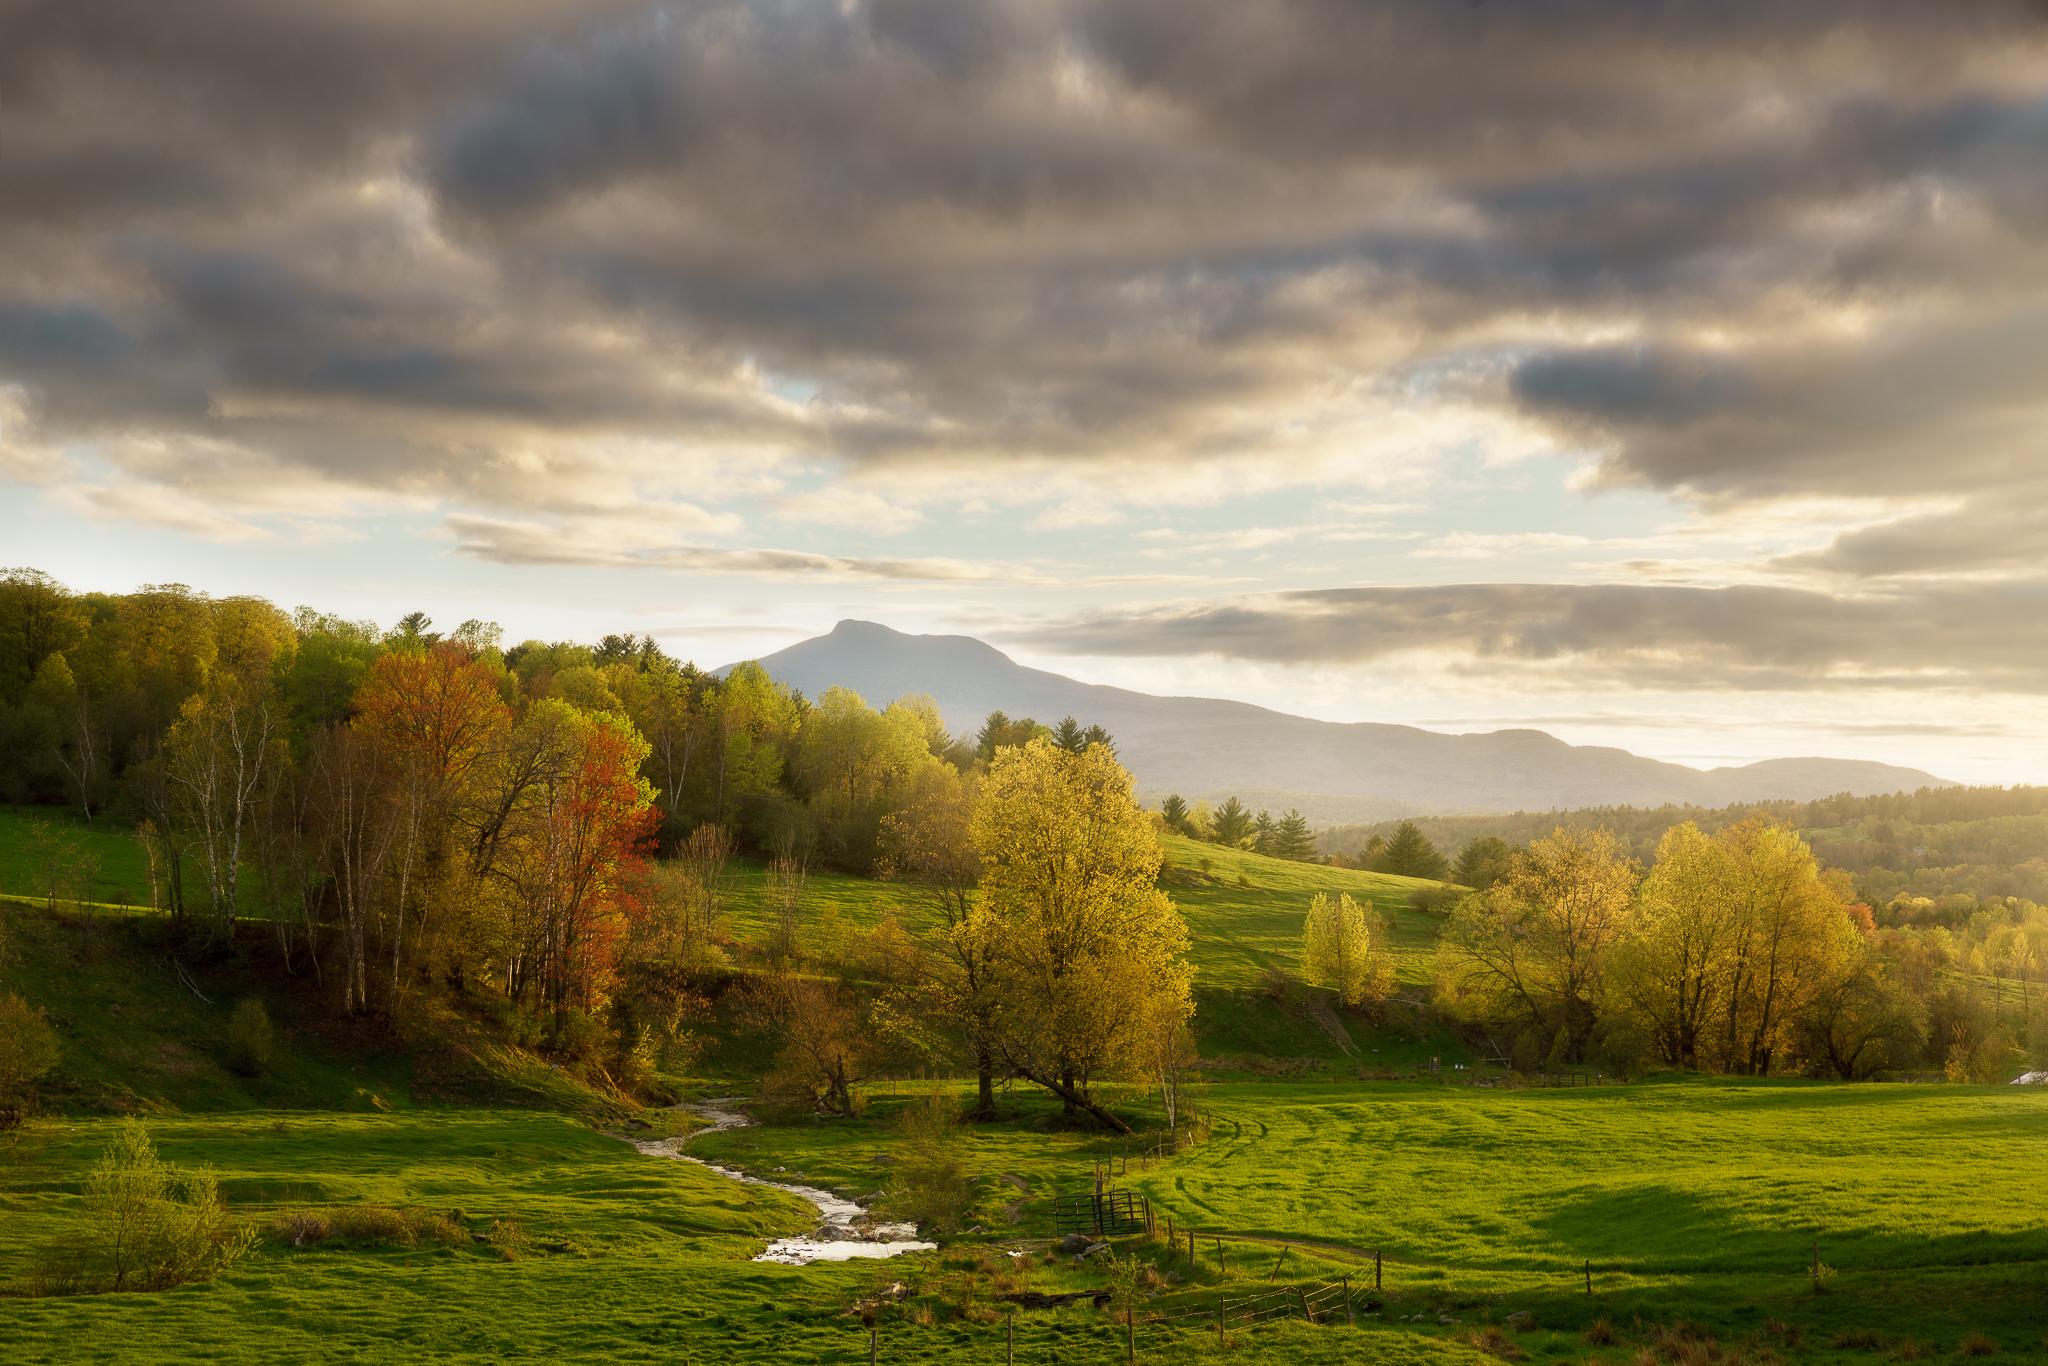 Spring in Vermont photo workshop